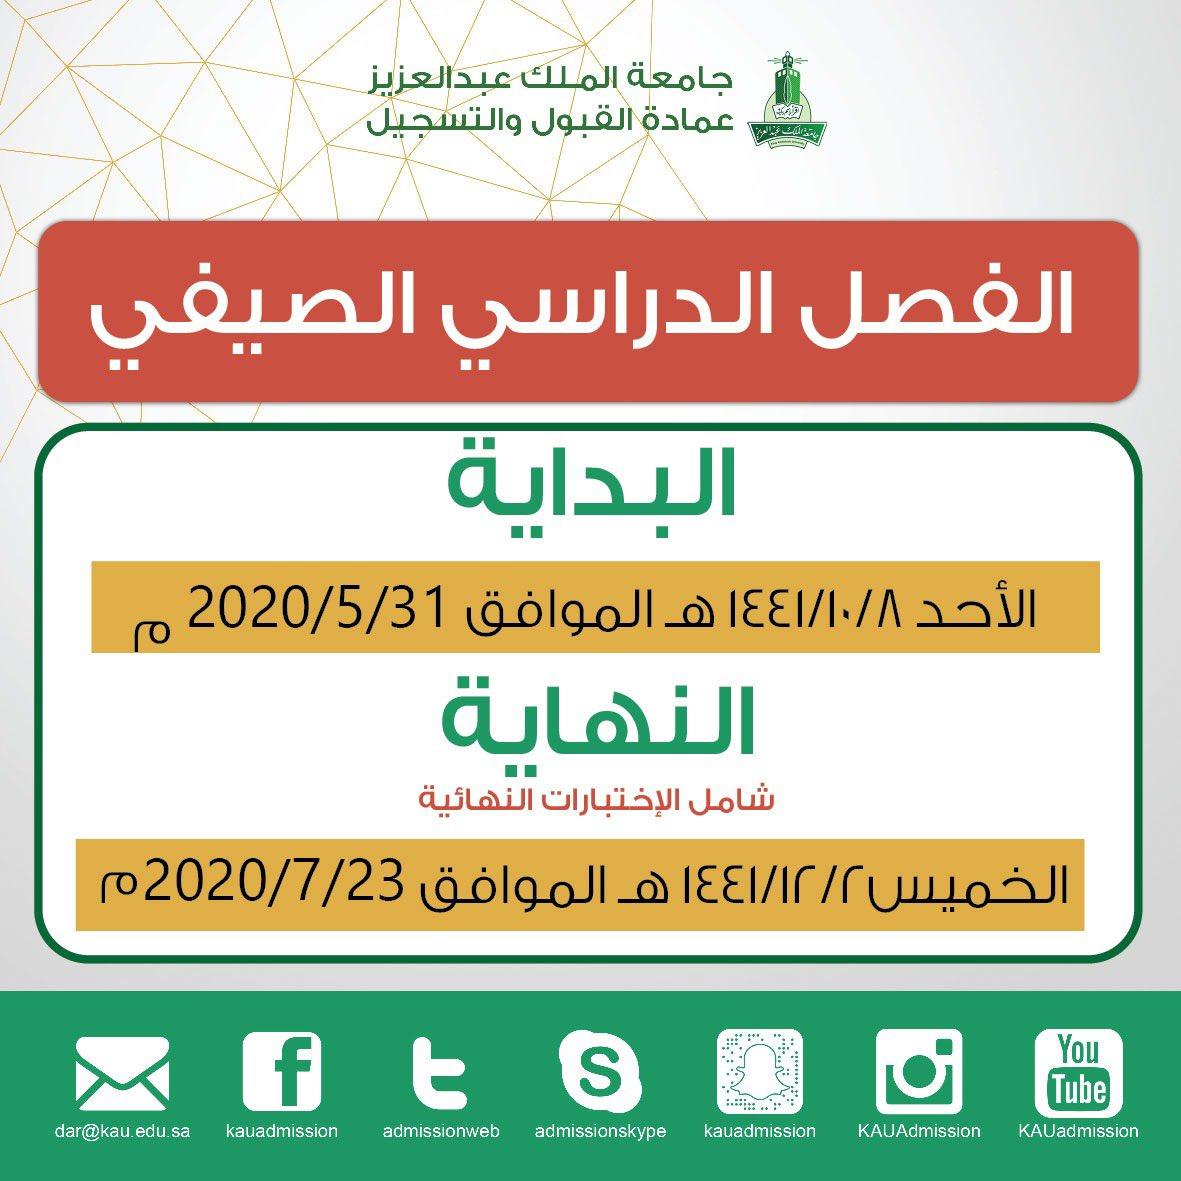 تقويم جامعة الملك عبدالعزيز 1441